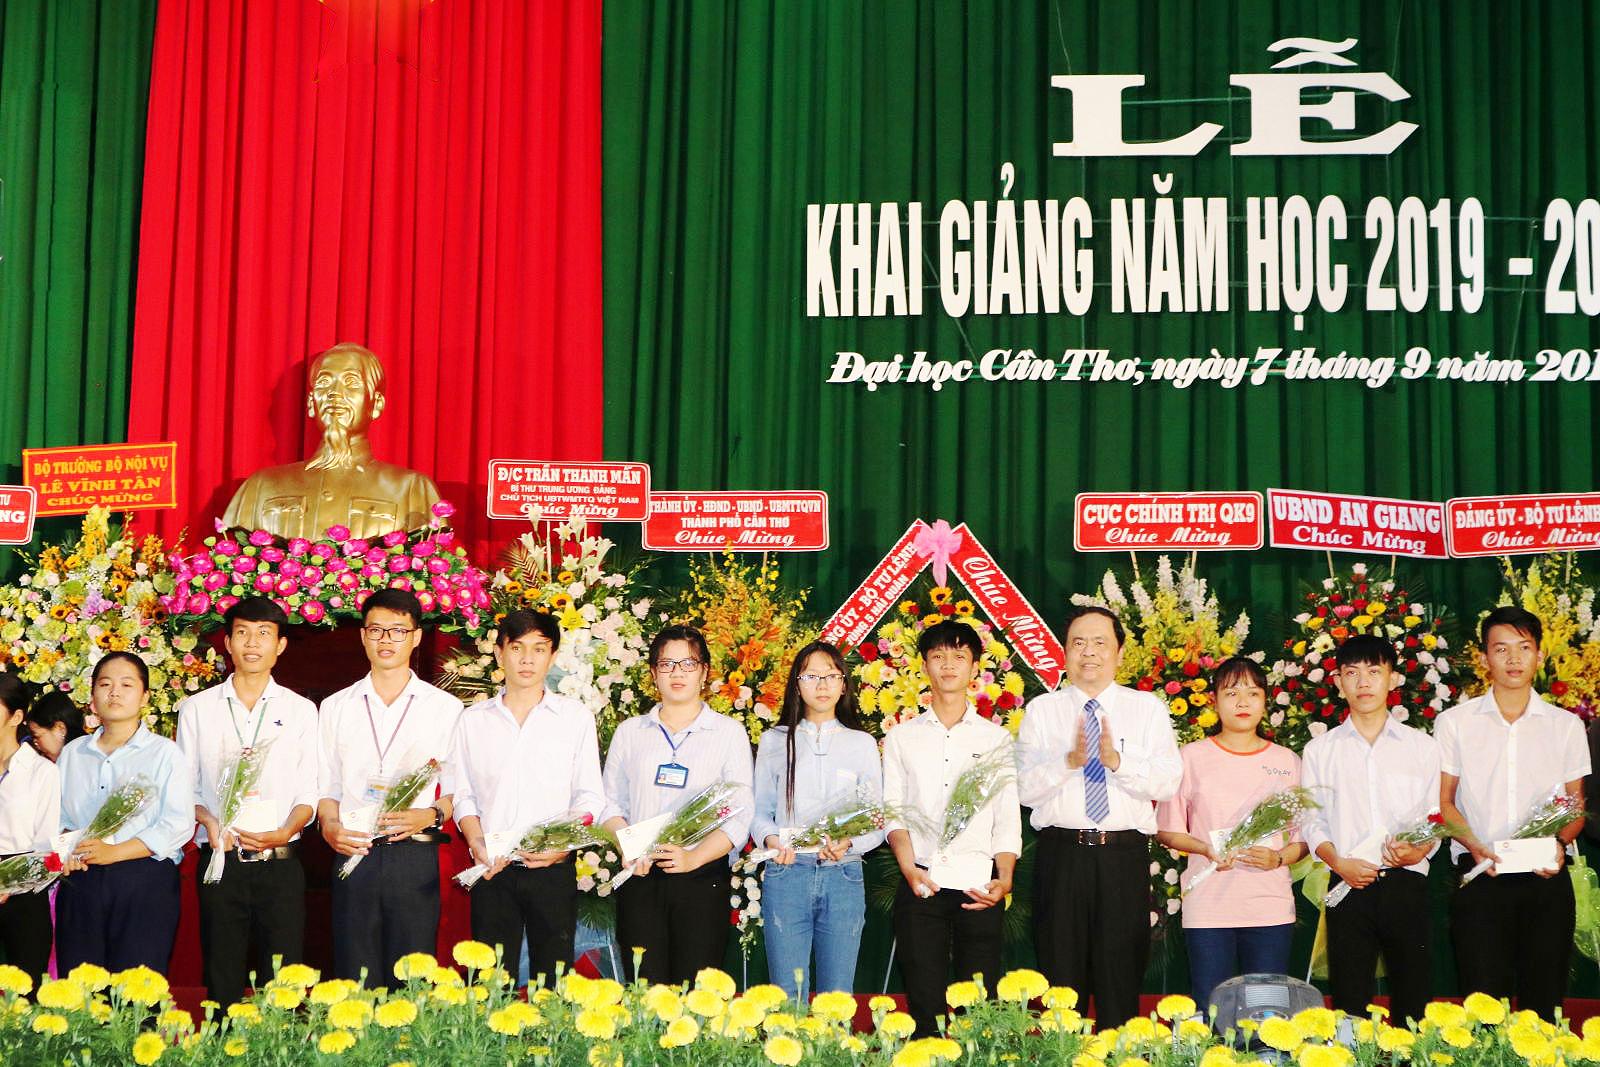 Đồng chí Trần Thanh Mẫn (thứ 4 từ phải qua), Bí thư Ban chấp hành Trung ương Đảng, Chủ tịch Ủy ban MTTQ Việt Nam tặng 20 suất học bổng (3 triệu đồng) cho sinh viên Trường Đại học Cần Thơ. Ảnh: B.Ngọc